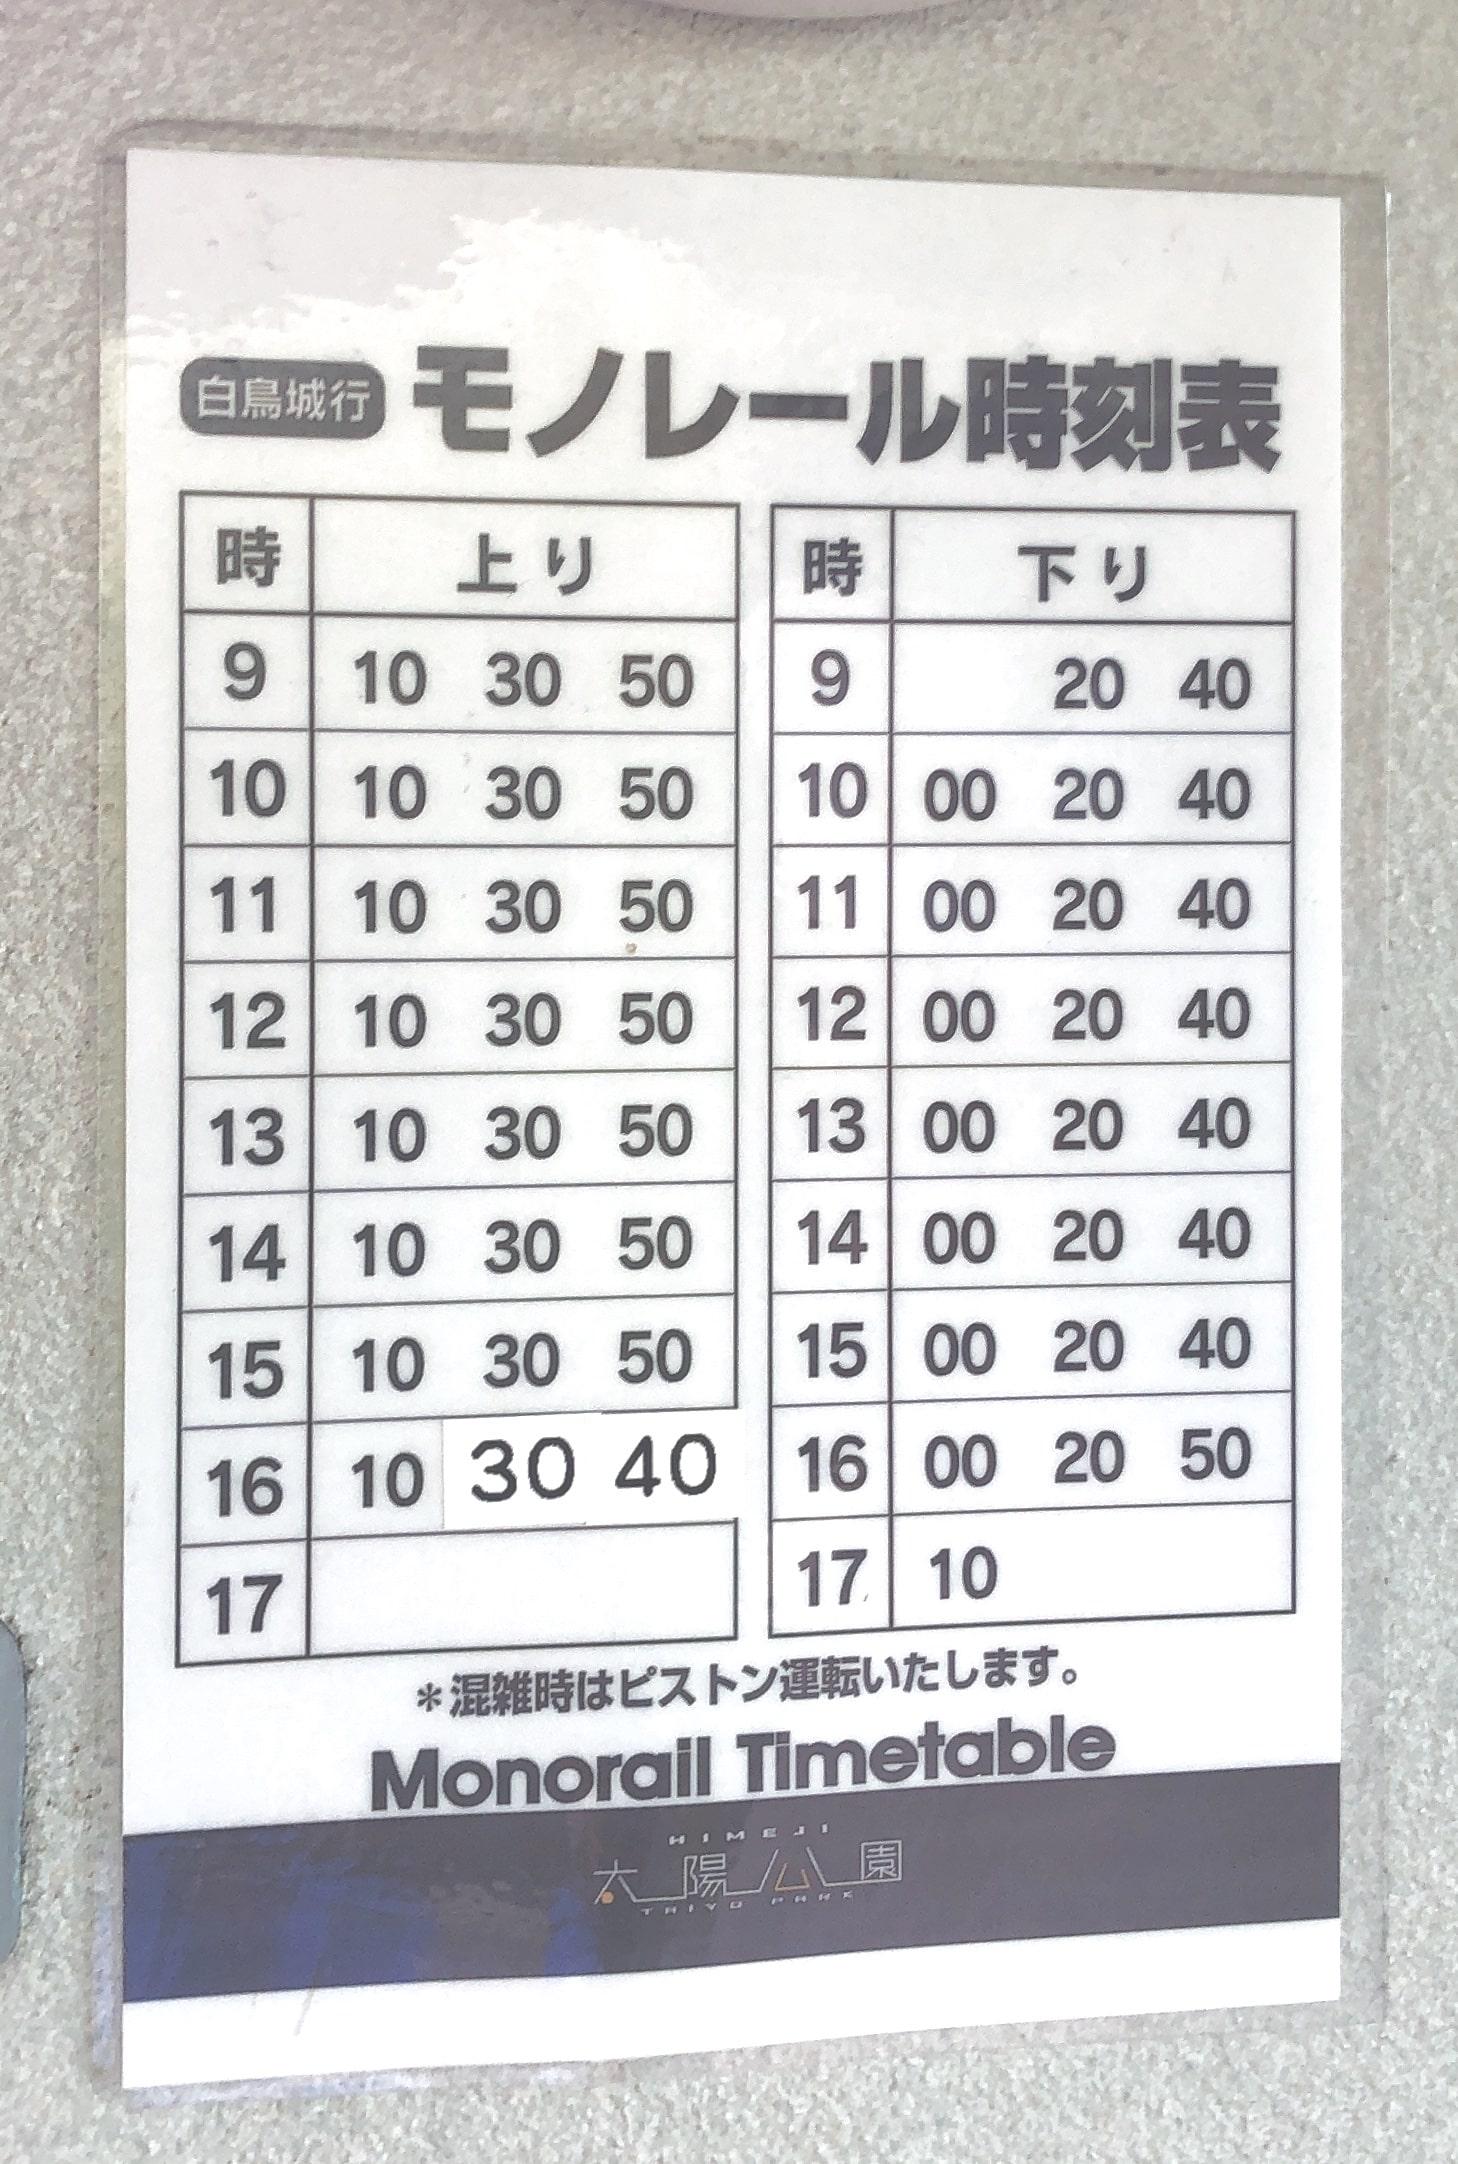 モノレール時刻表